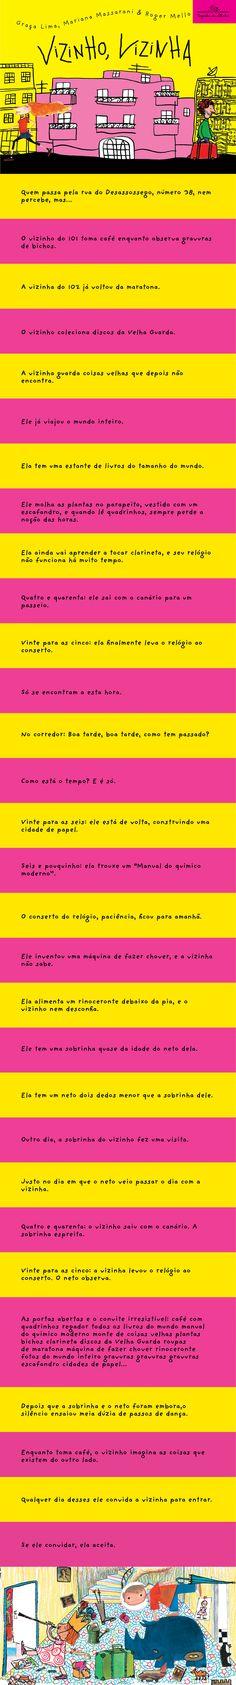 ALEGRIA DE VIVER E AMAR O QUE É BOM!!: DIVULGAÇÃO DE EDITORA #509 - COMPANHIA DAS LETRINH...